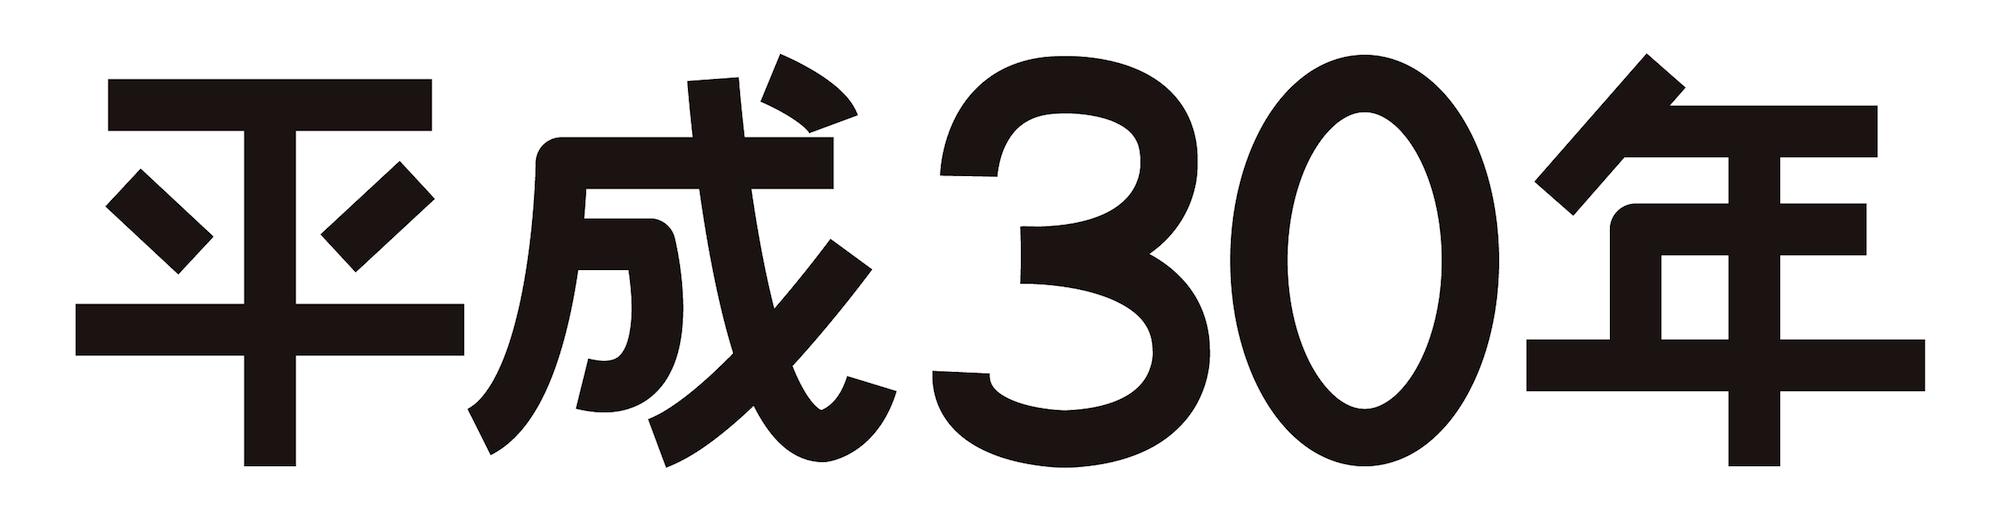 平成30年文字無料イラスト年賀状素材 | 無料イラスト配布サイトマンガ